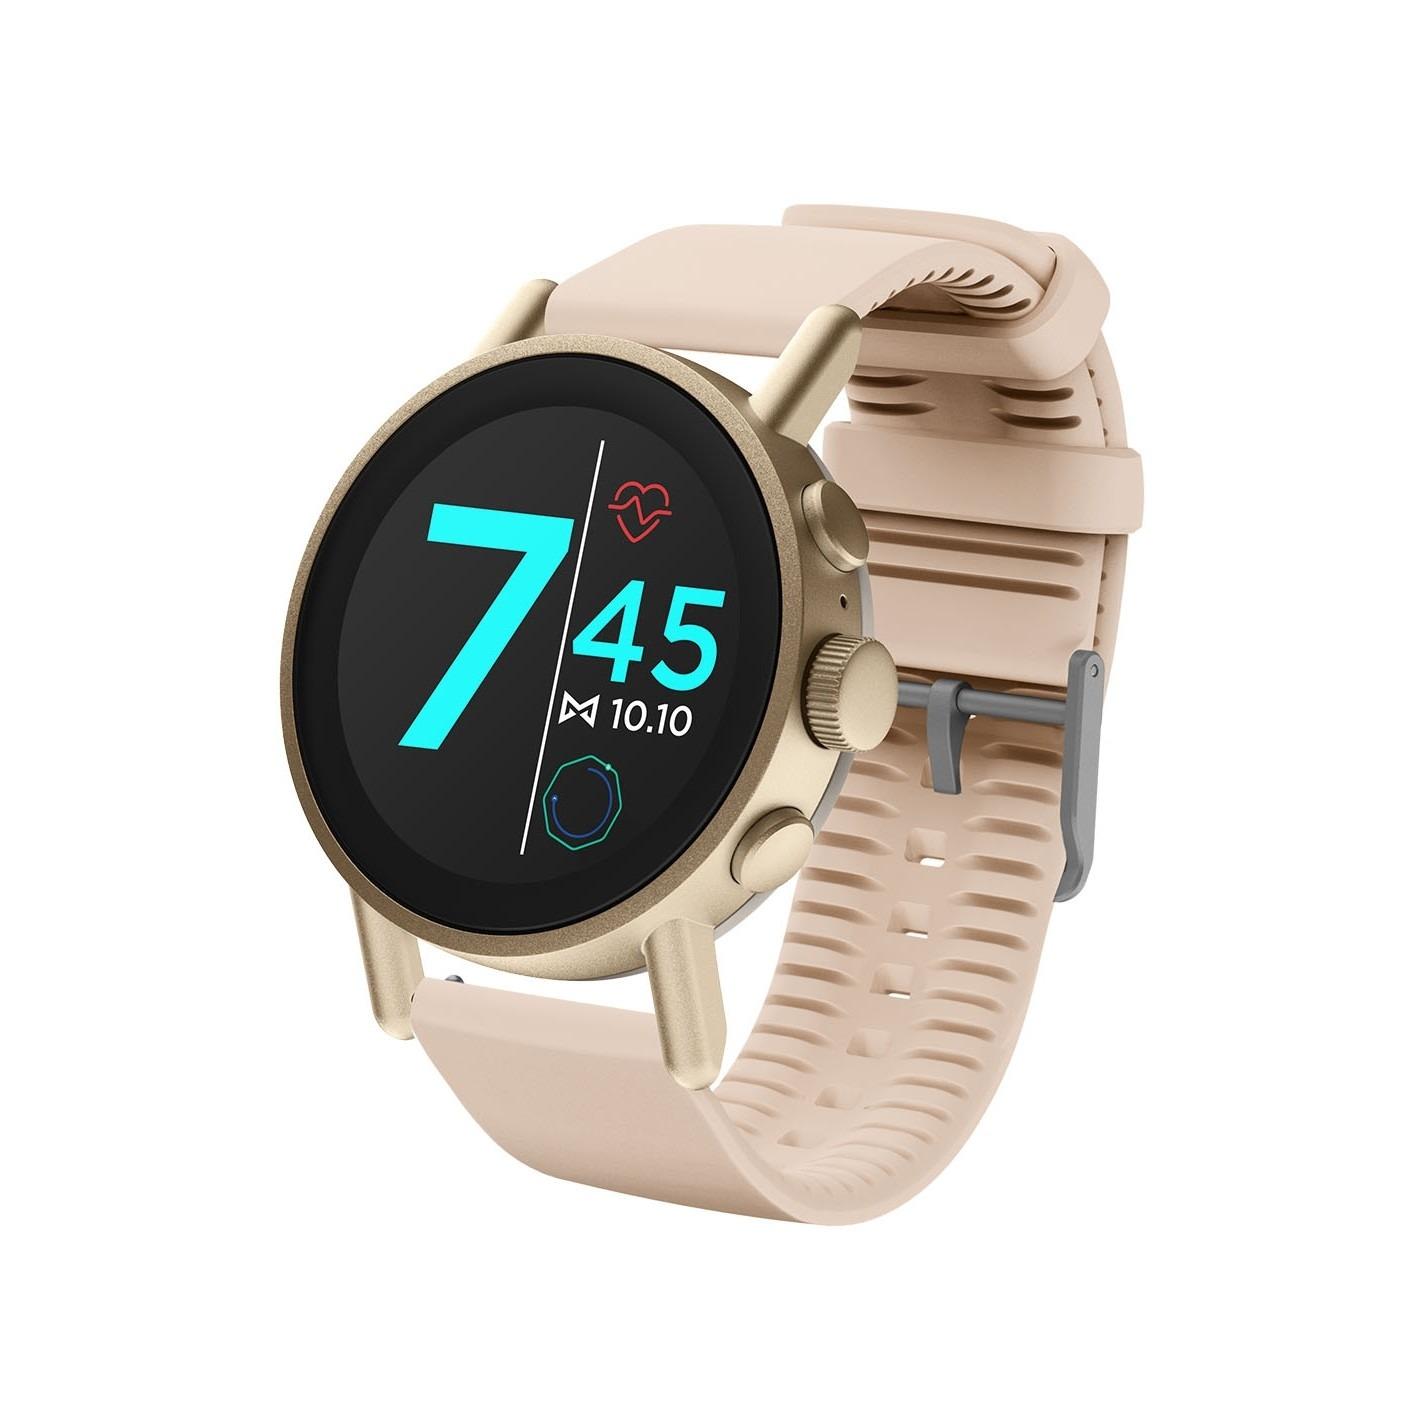 Misfit представили умные часы Vapor X с операционной системой Wear OS6